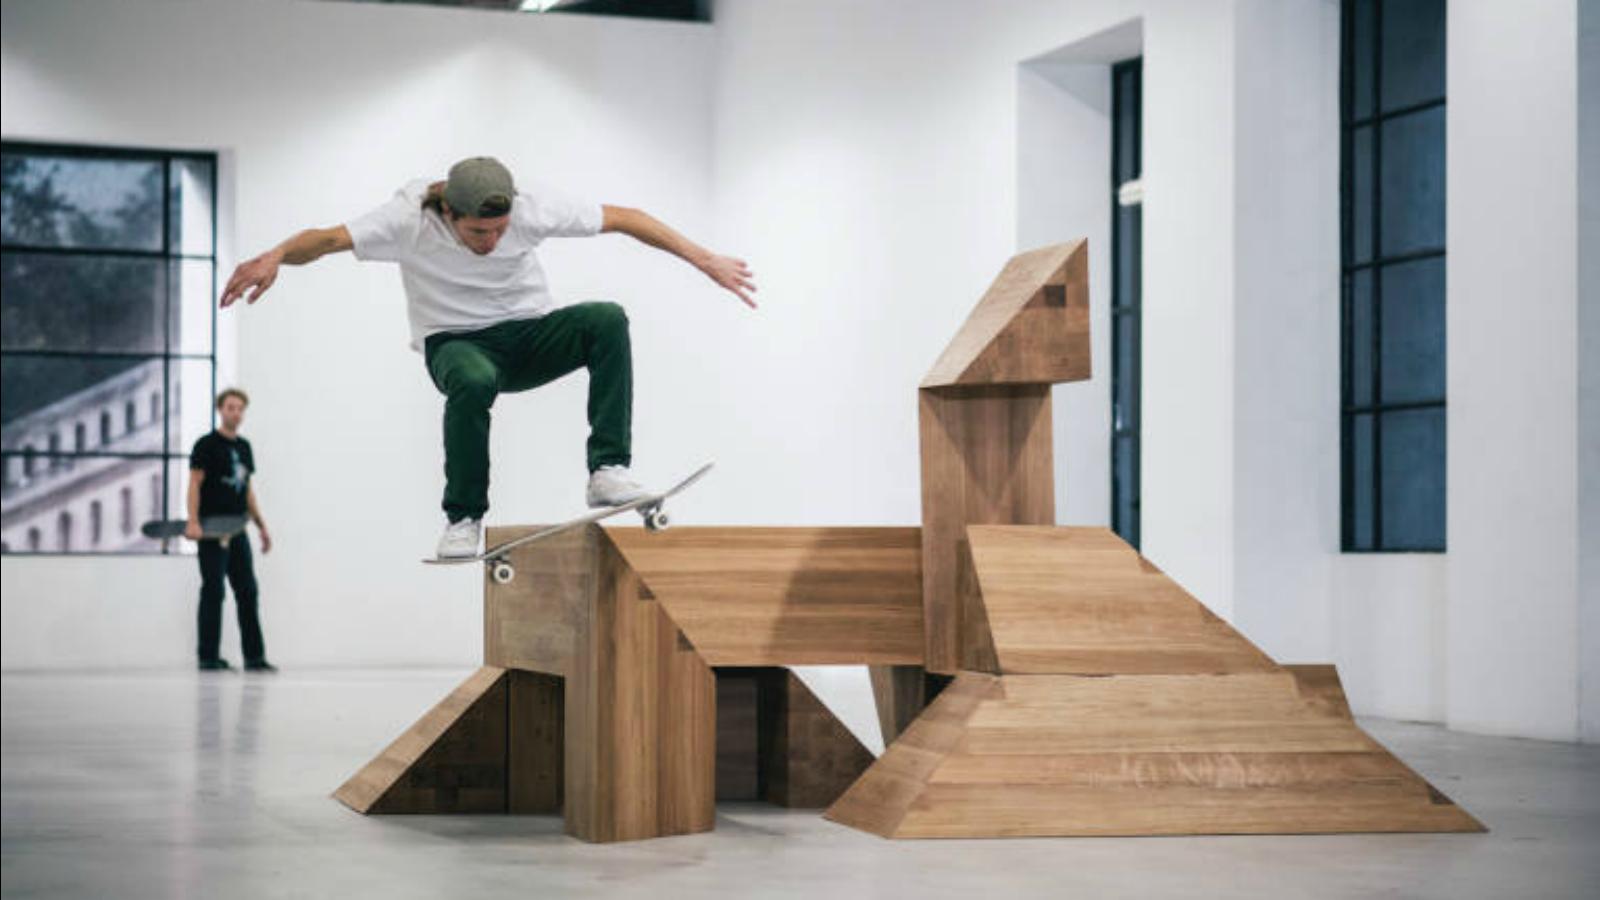 Skate en el museo: una exposición con esculturas patinables?